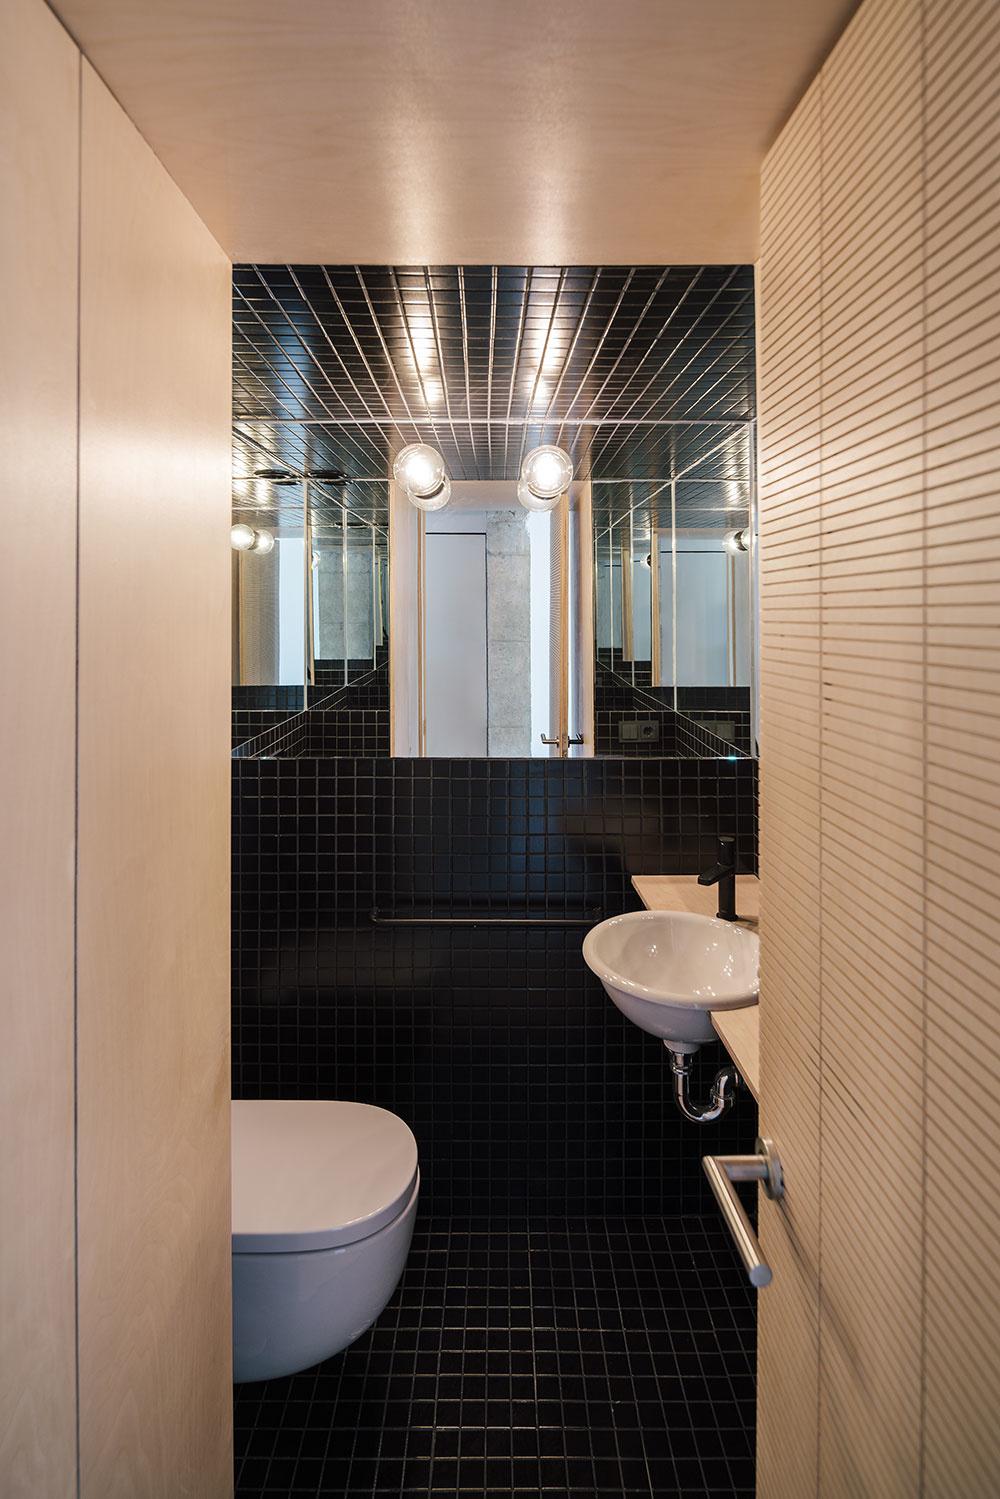 čiernymi obkladačkami obložená toaleta s umývadlom